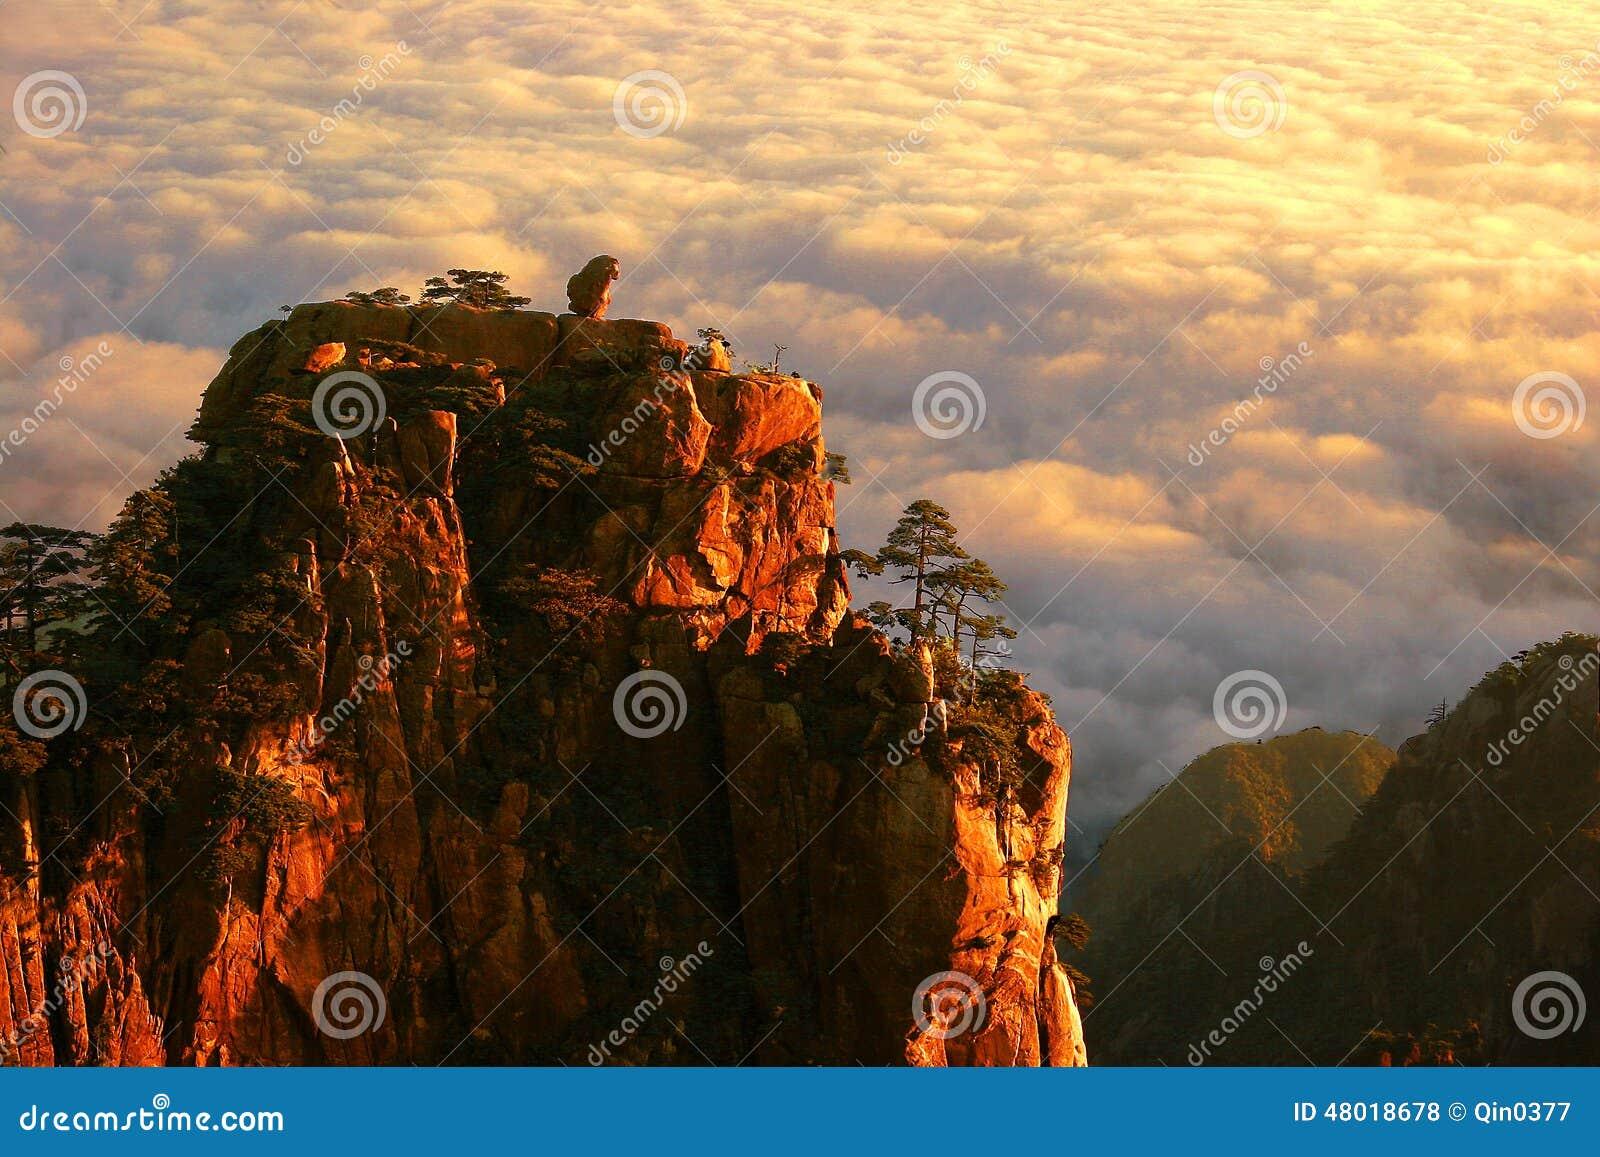 Huangshan mountain in China